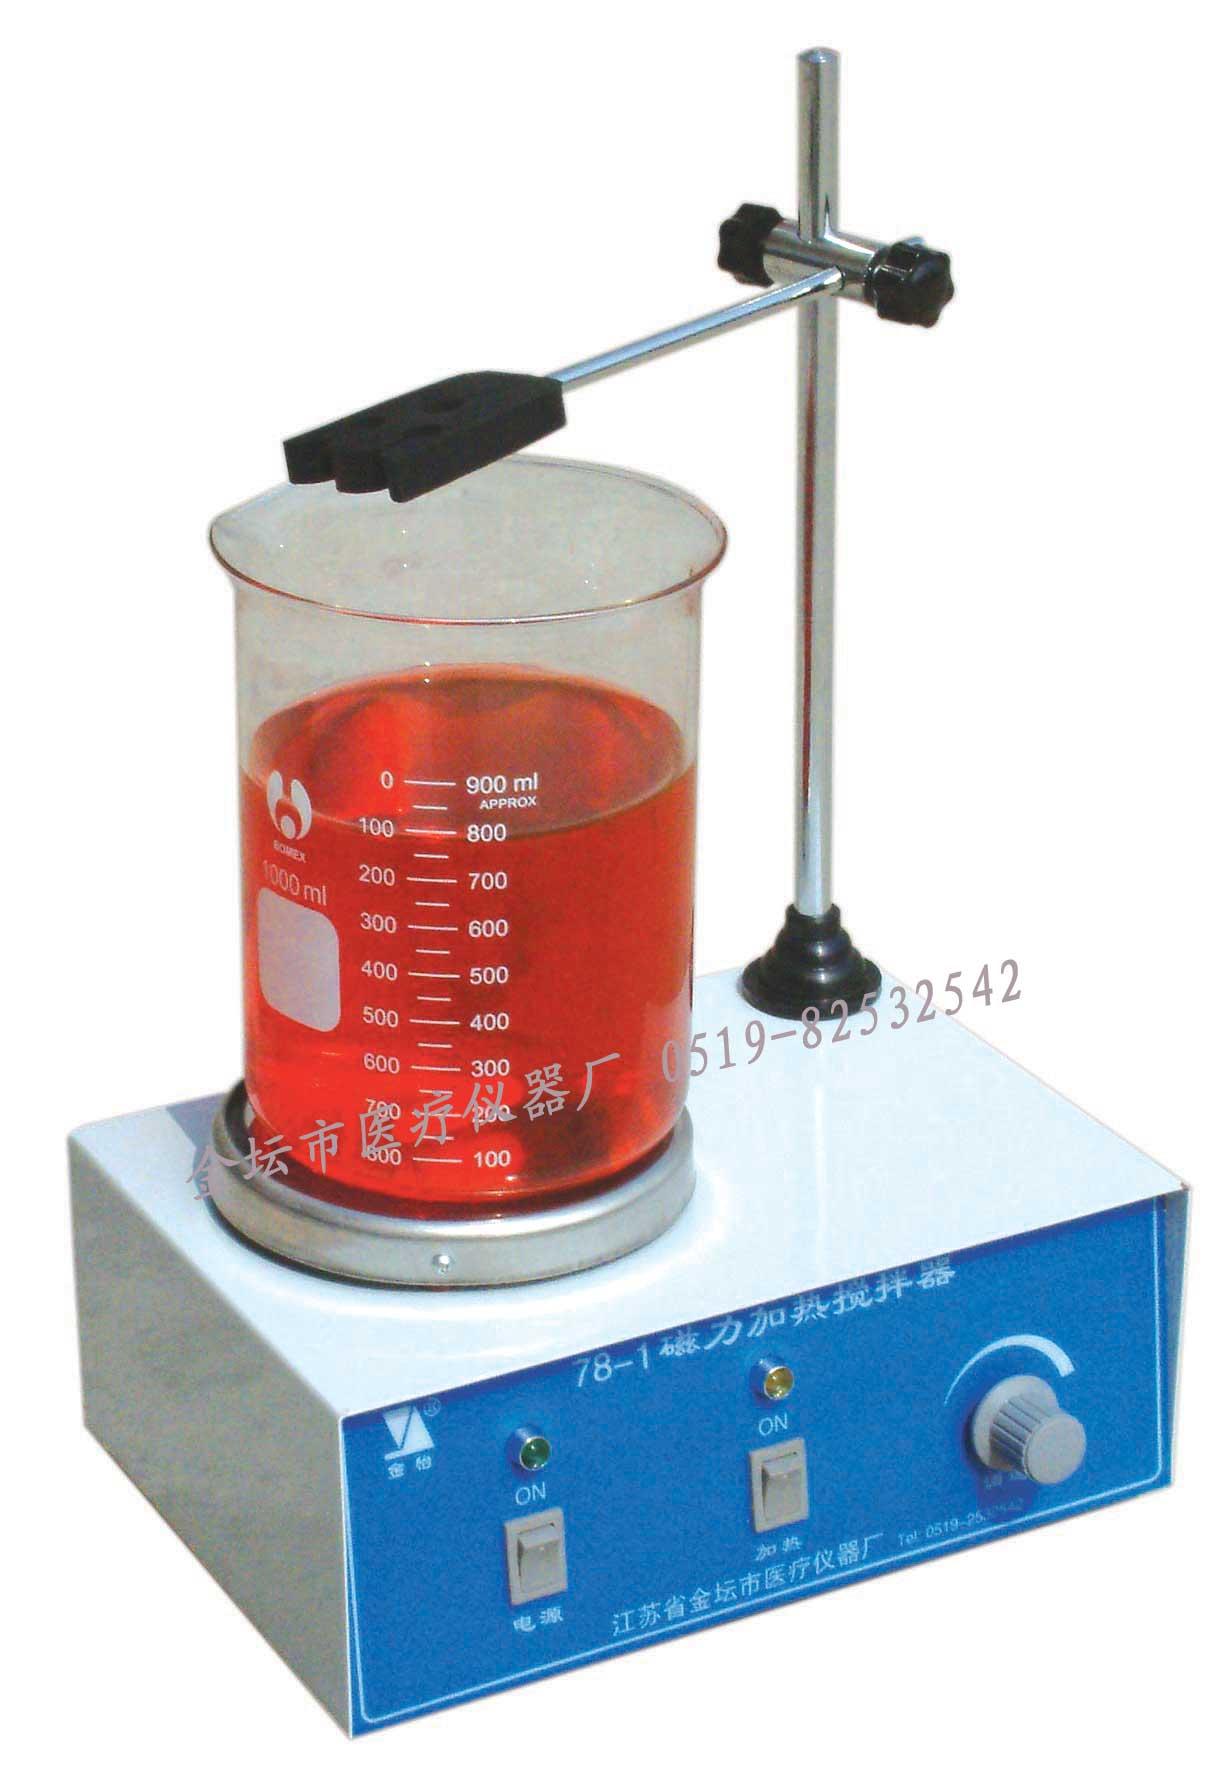 江苏金坛HJ-1磁力加热搅拌器